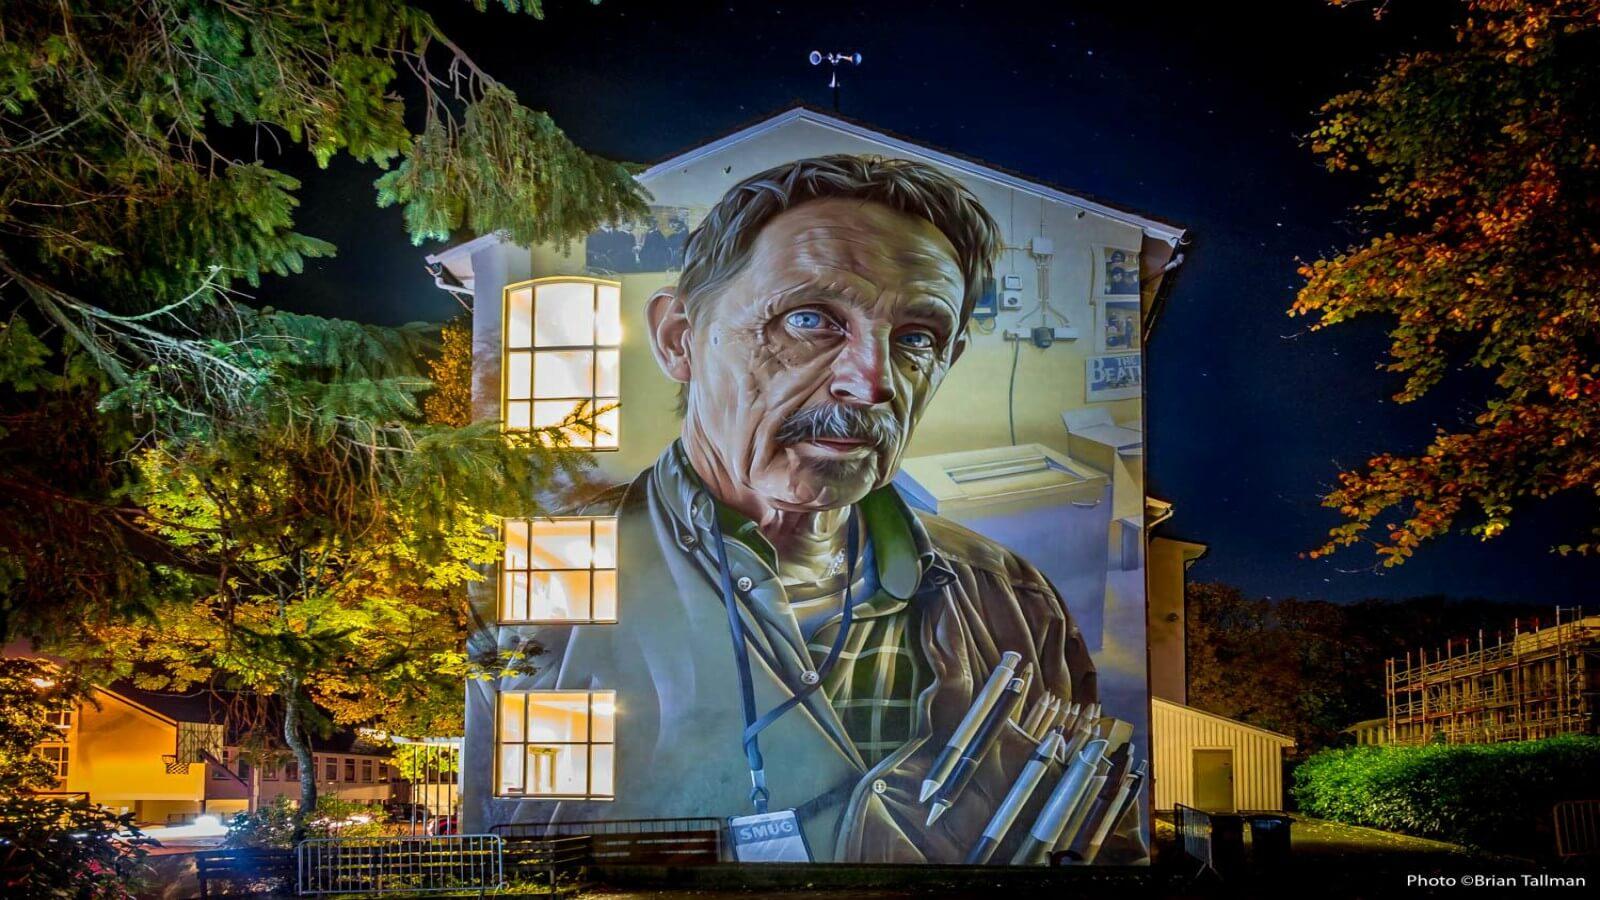 El mural de Smug One para Nuart Festival: aumentar el acceso al arte